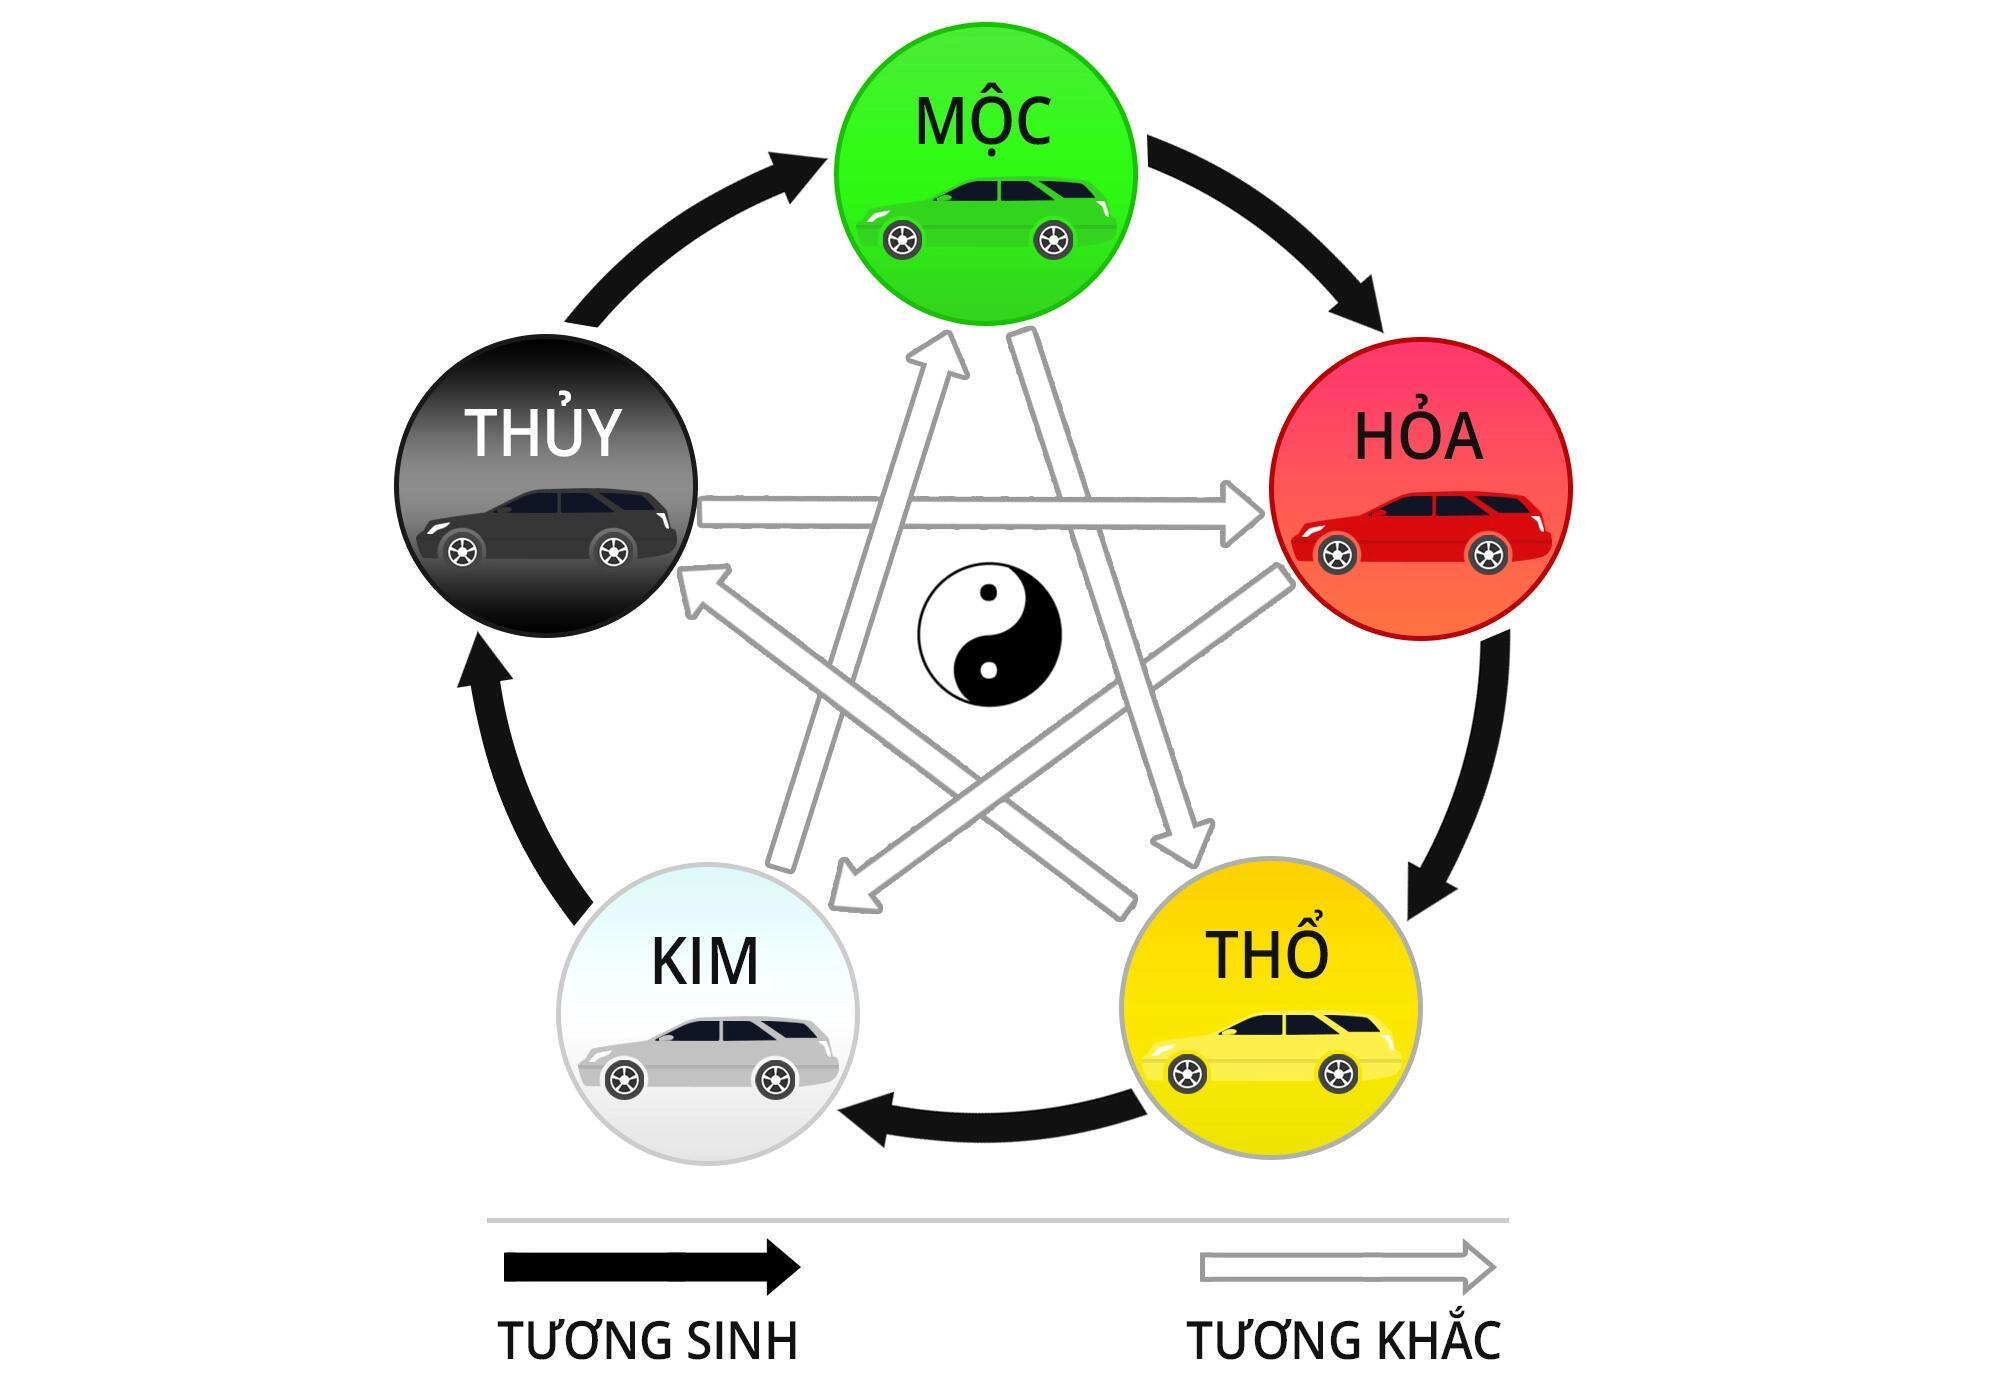 Phong thủy - Hình 1